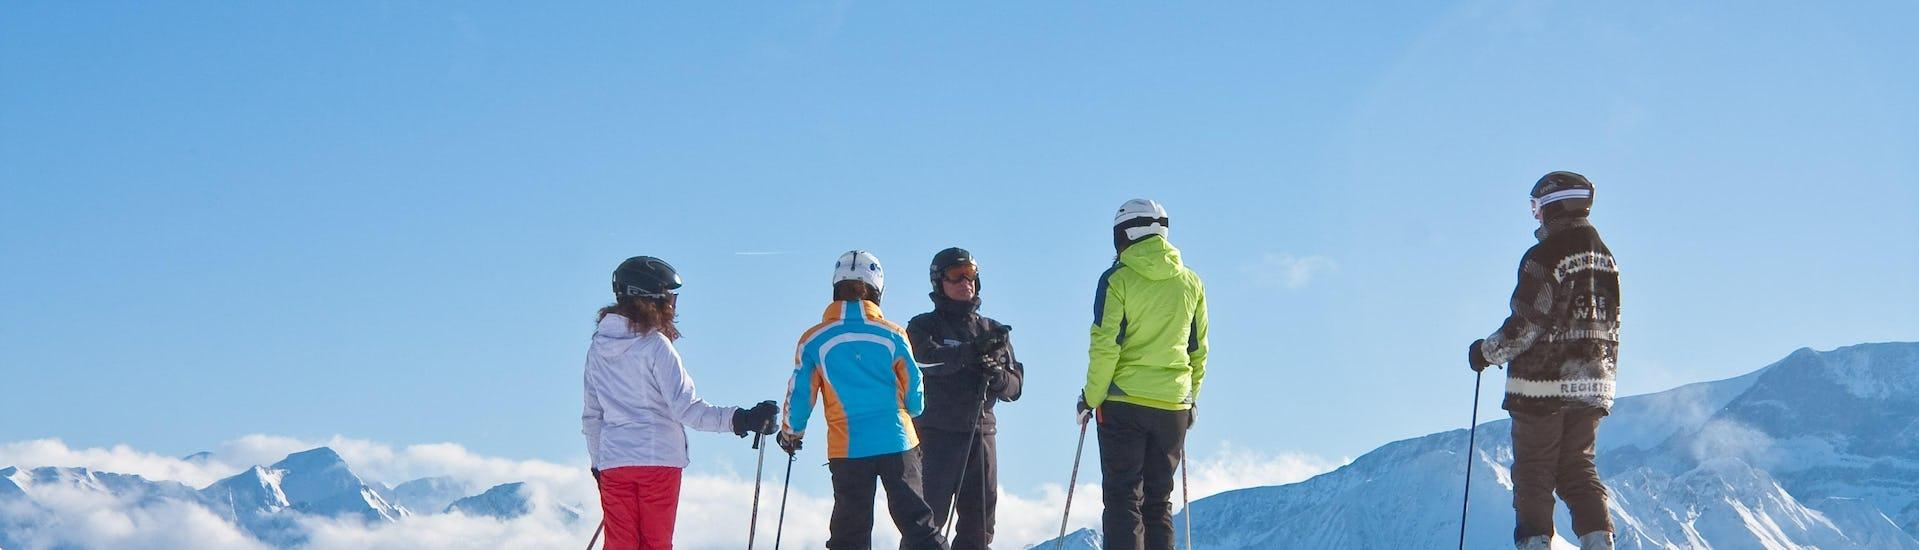 Cours particulier de ski Adultes - Après-midi - Tous niveaux